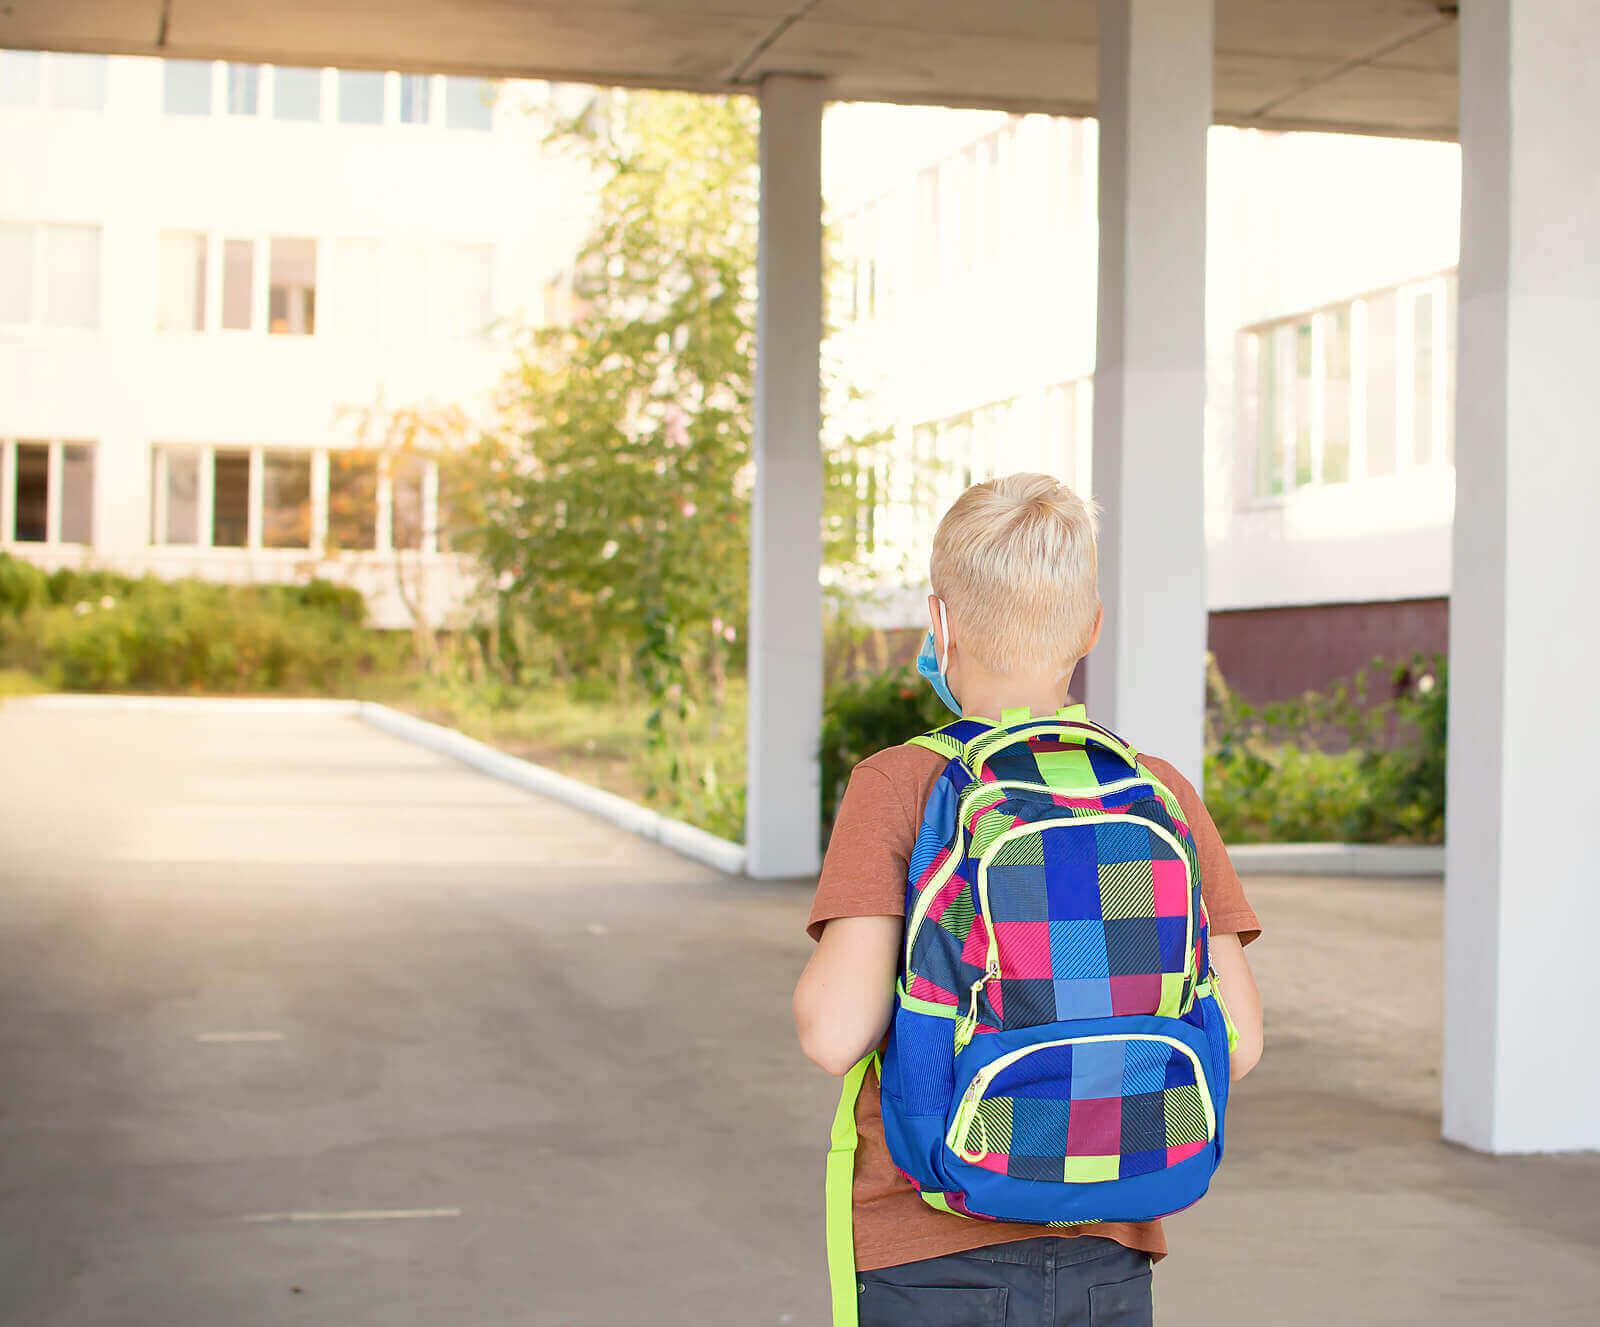 학교에서의 괴롭힘: 이를 해결하고 예방하는 방법